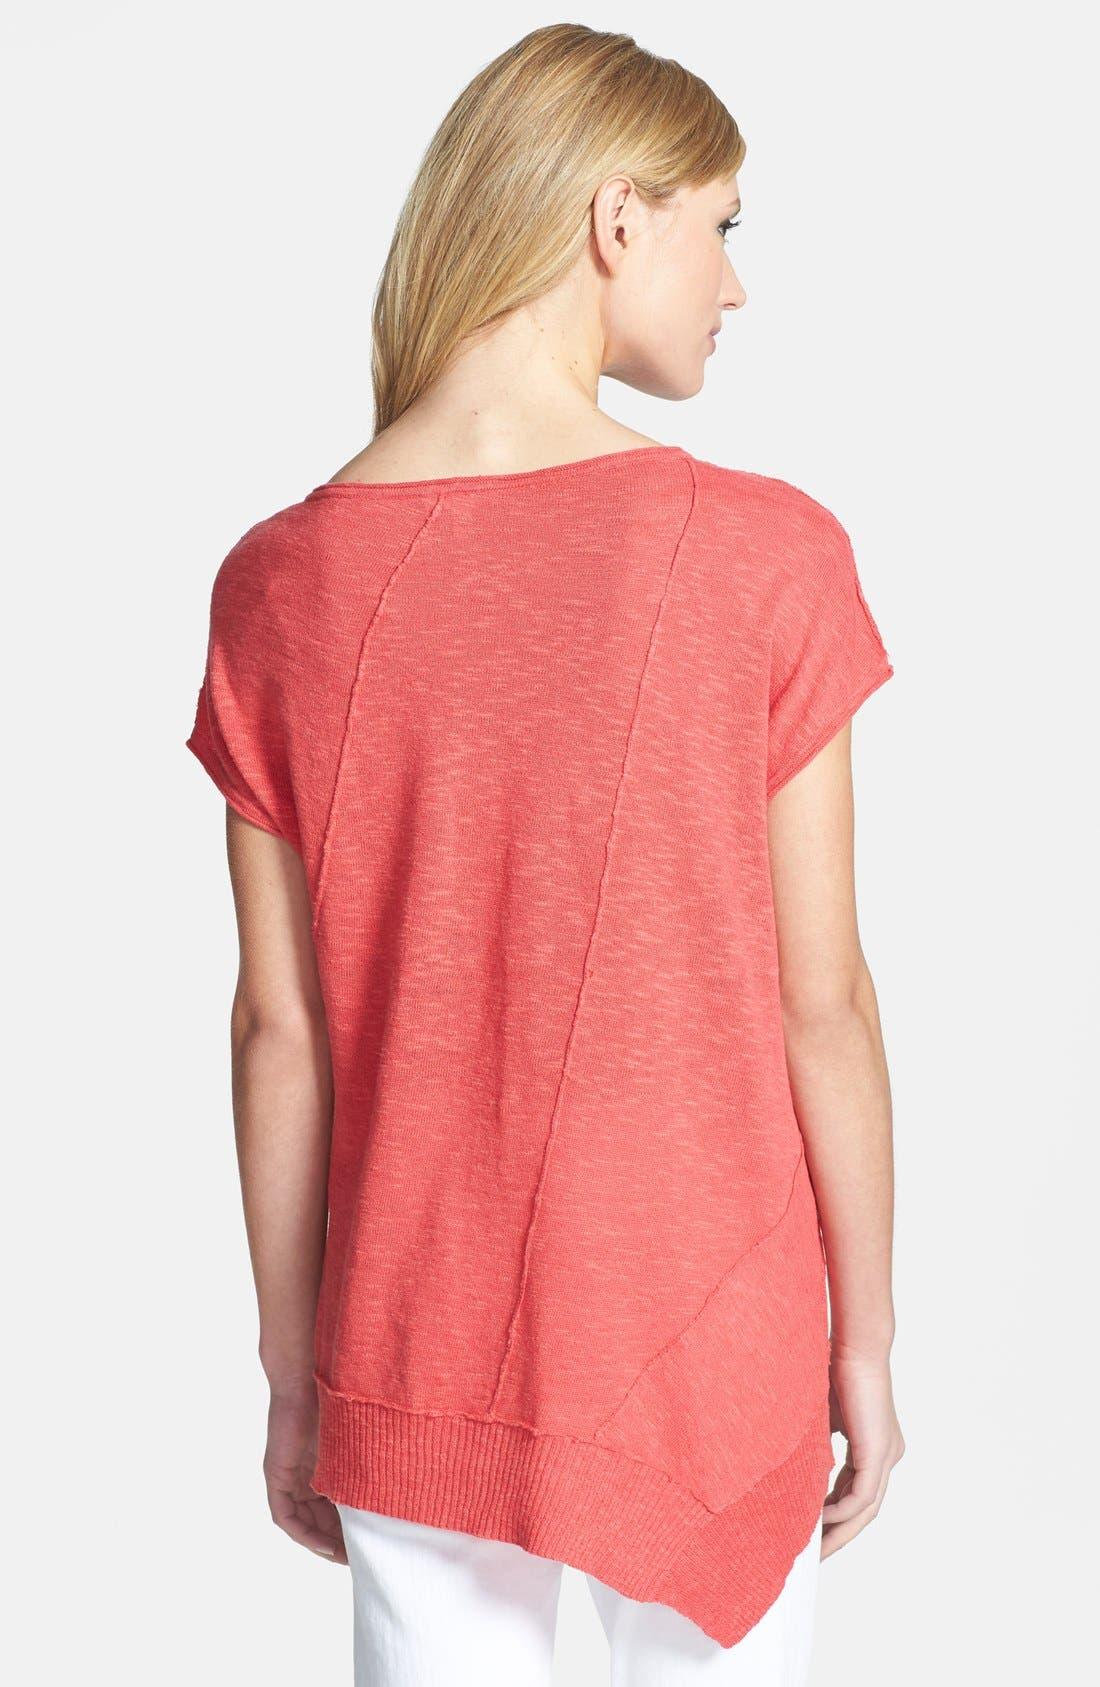 Alternate Image 2  - Eileen Fisher Cap Sleeve Organic Linen & Cotton Scoop Neck Top (Regular & Petite)